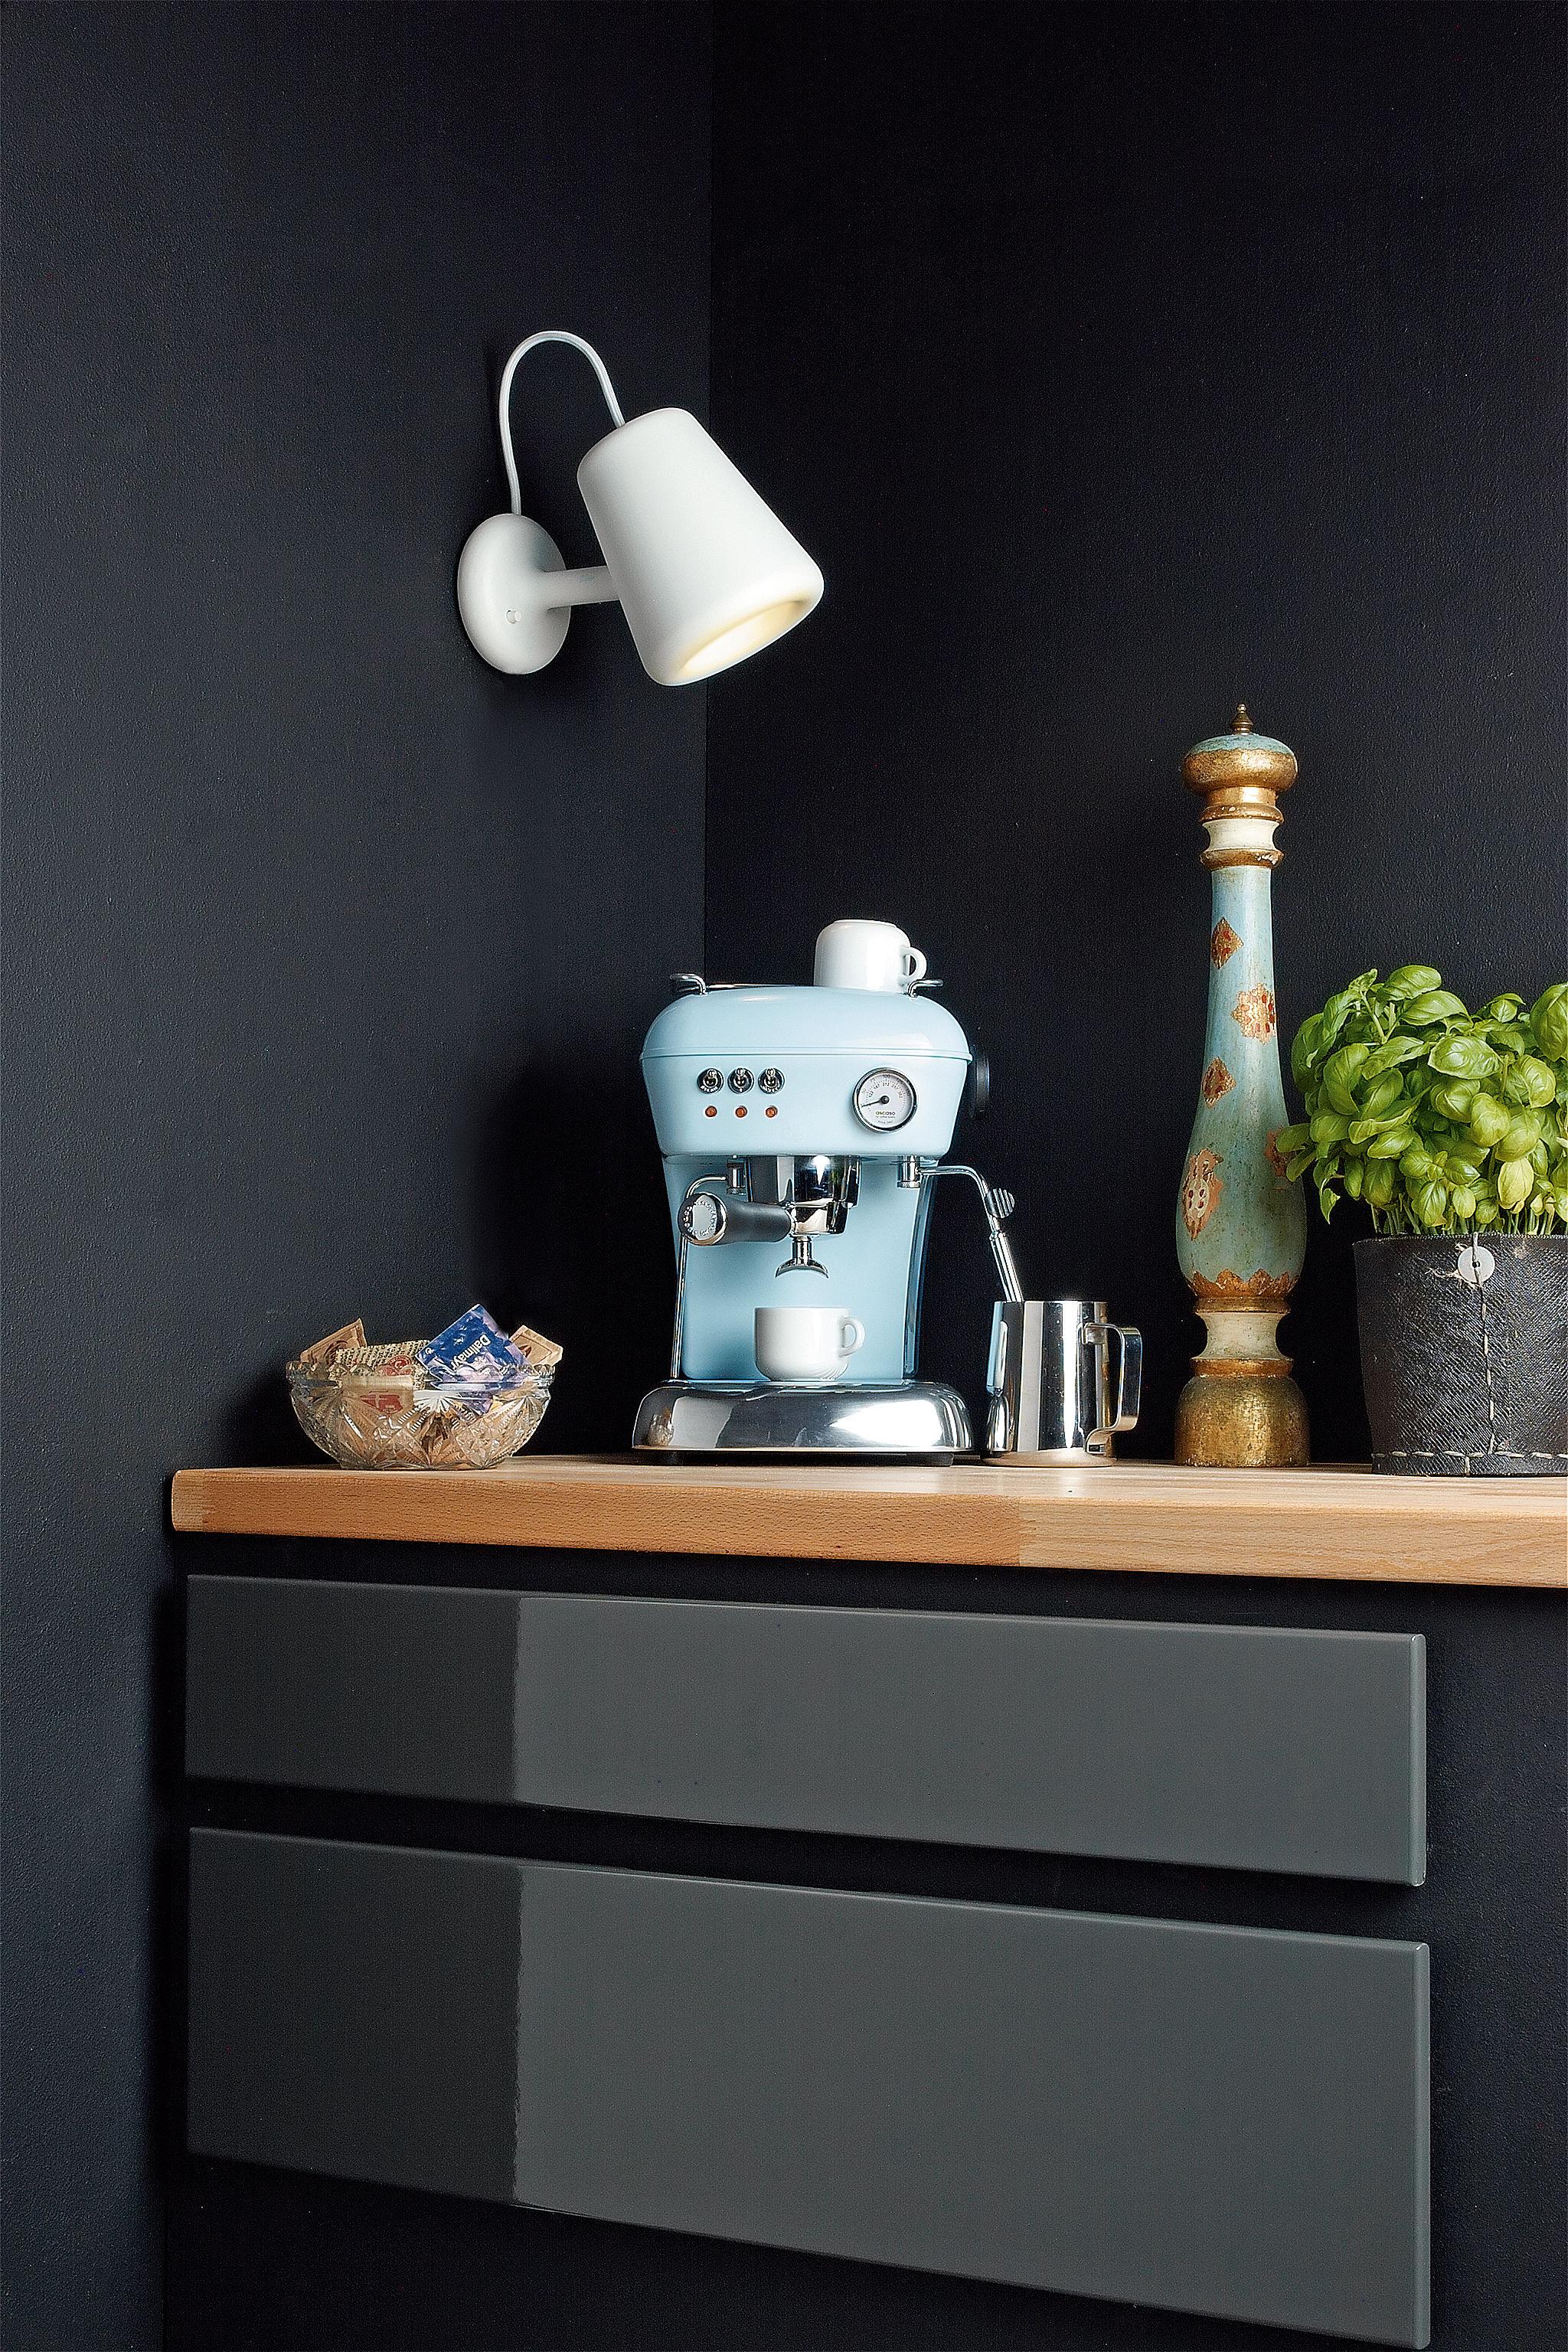 oj wandleuchte mit stromkabel mit netzstecker zum. Black Bedroom Furniture Sets. Home Design Ideas